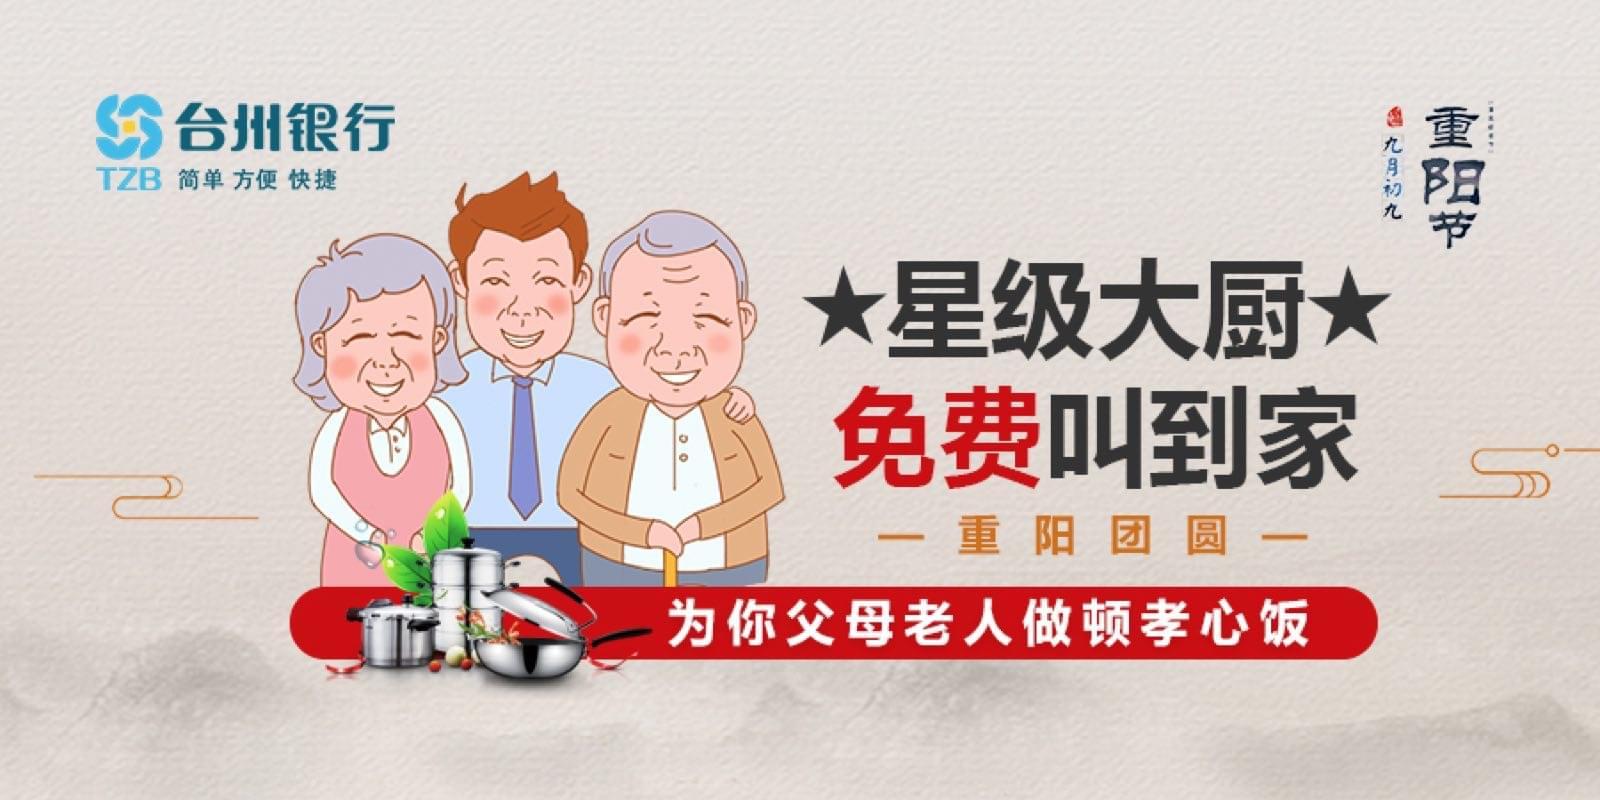 免费请大厨到家,台州银行重阳公益在行动